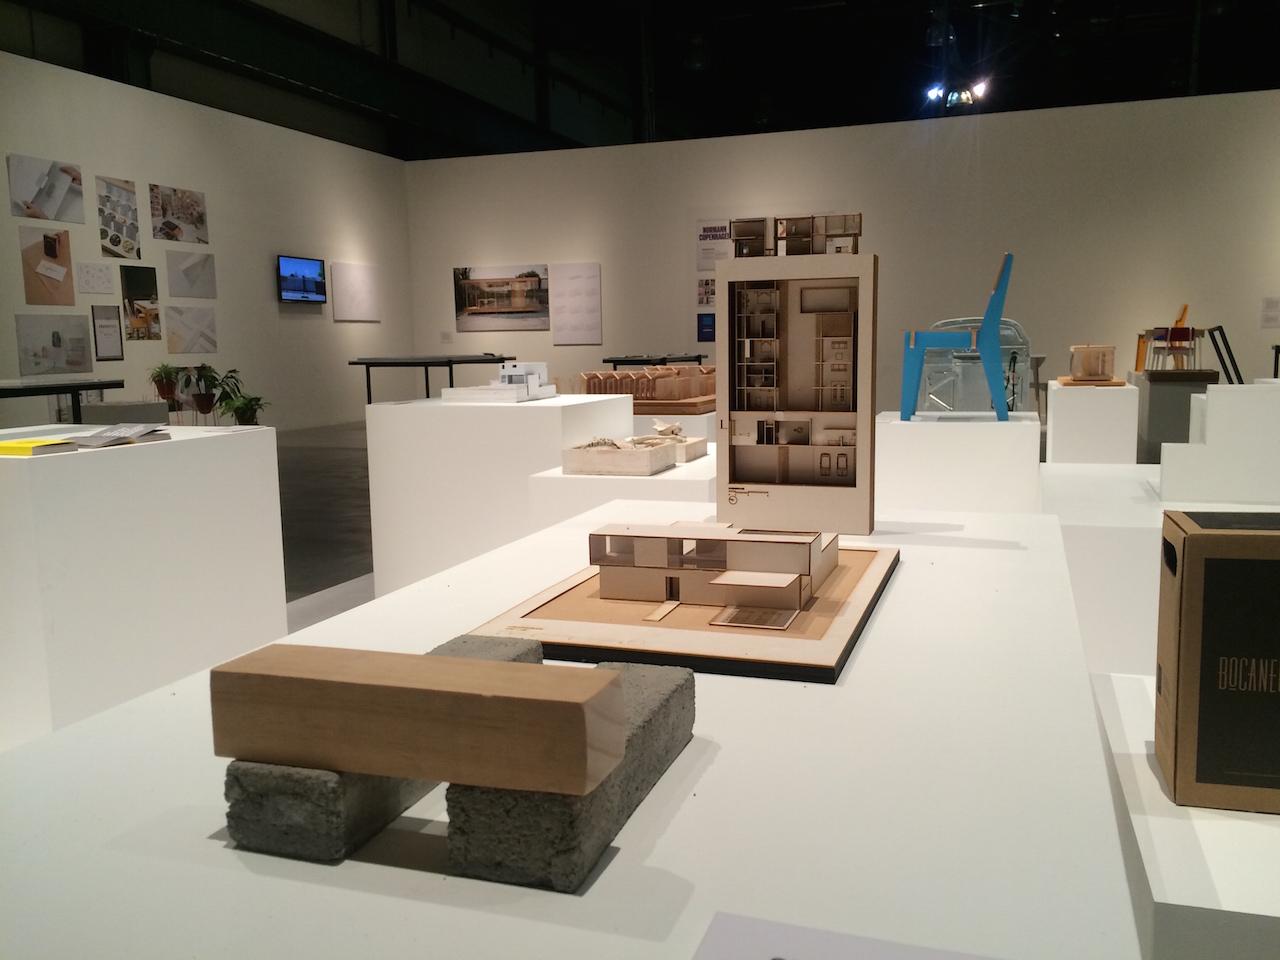 Regional una retrospectiva de dise o y arquitectura en for Arquitectura y diseno monterrey